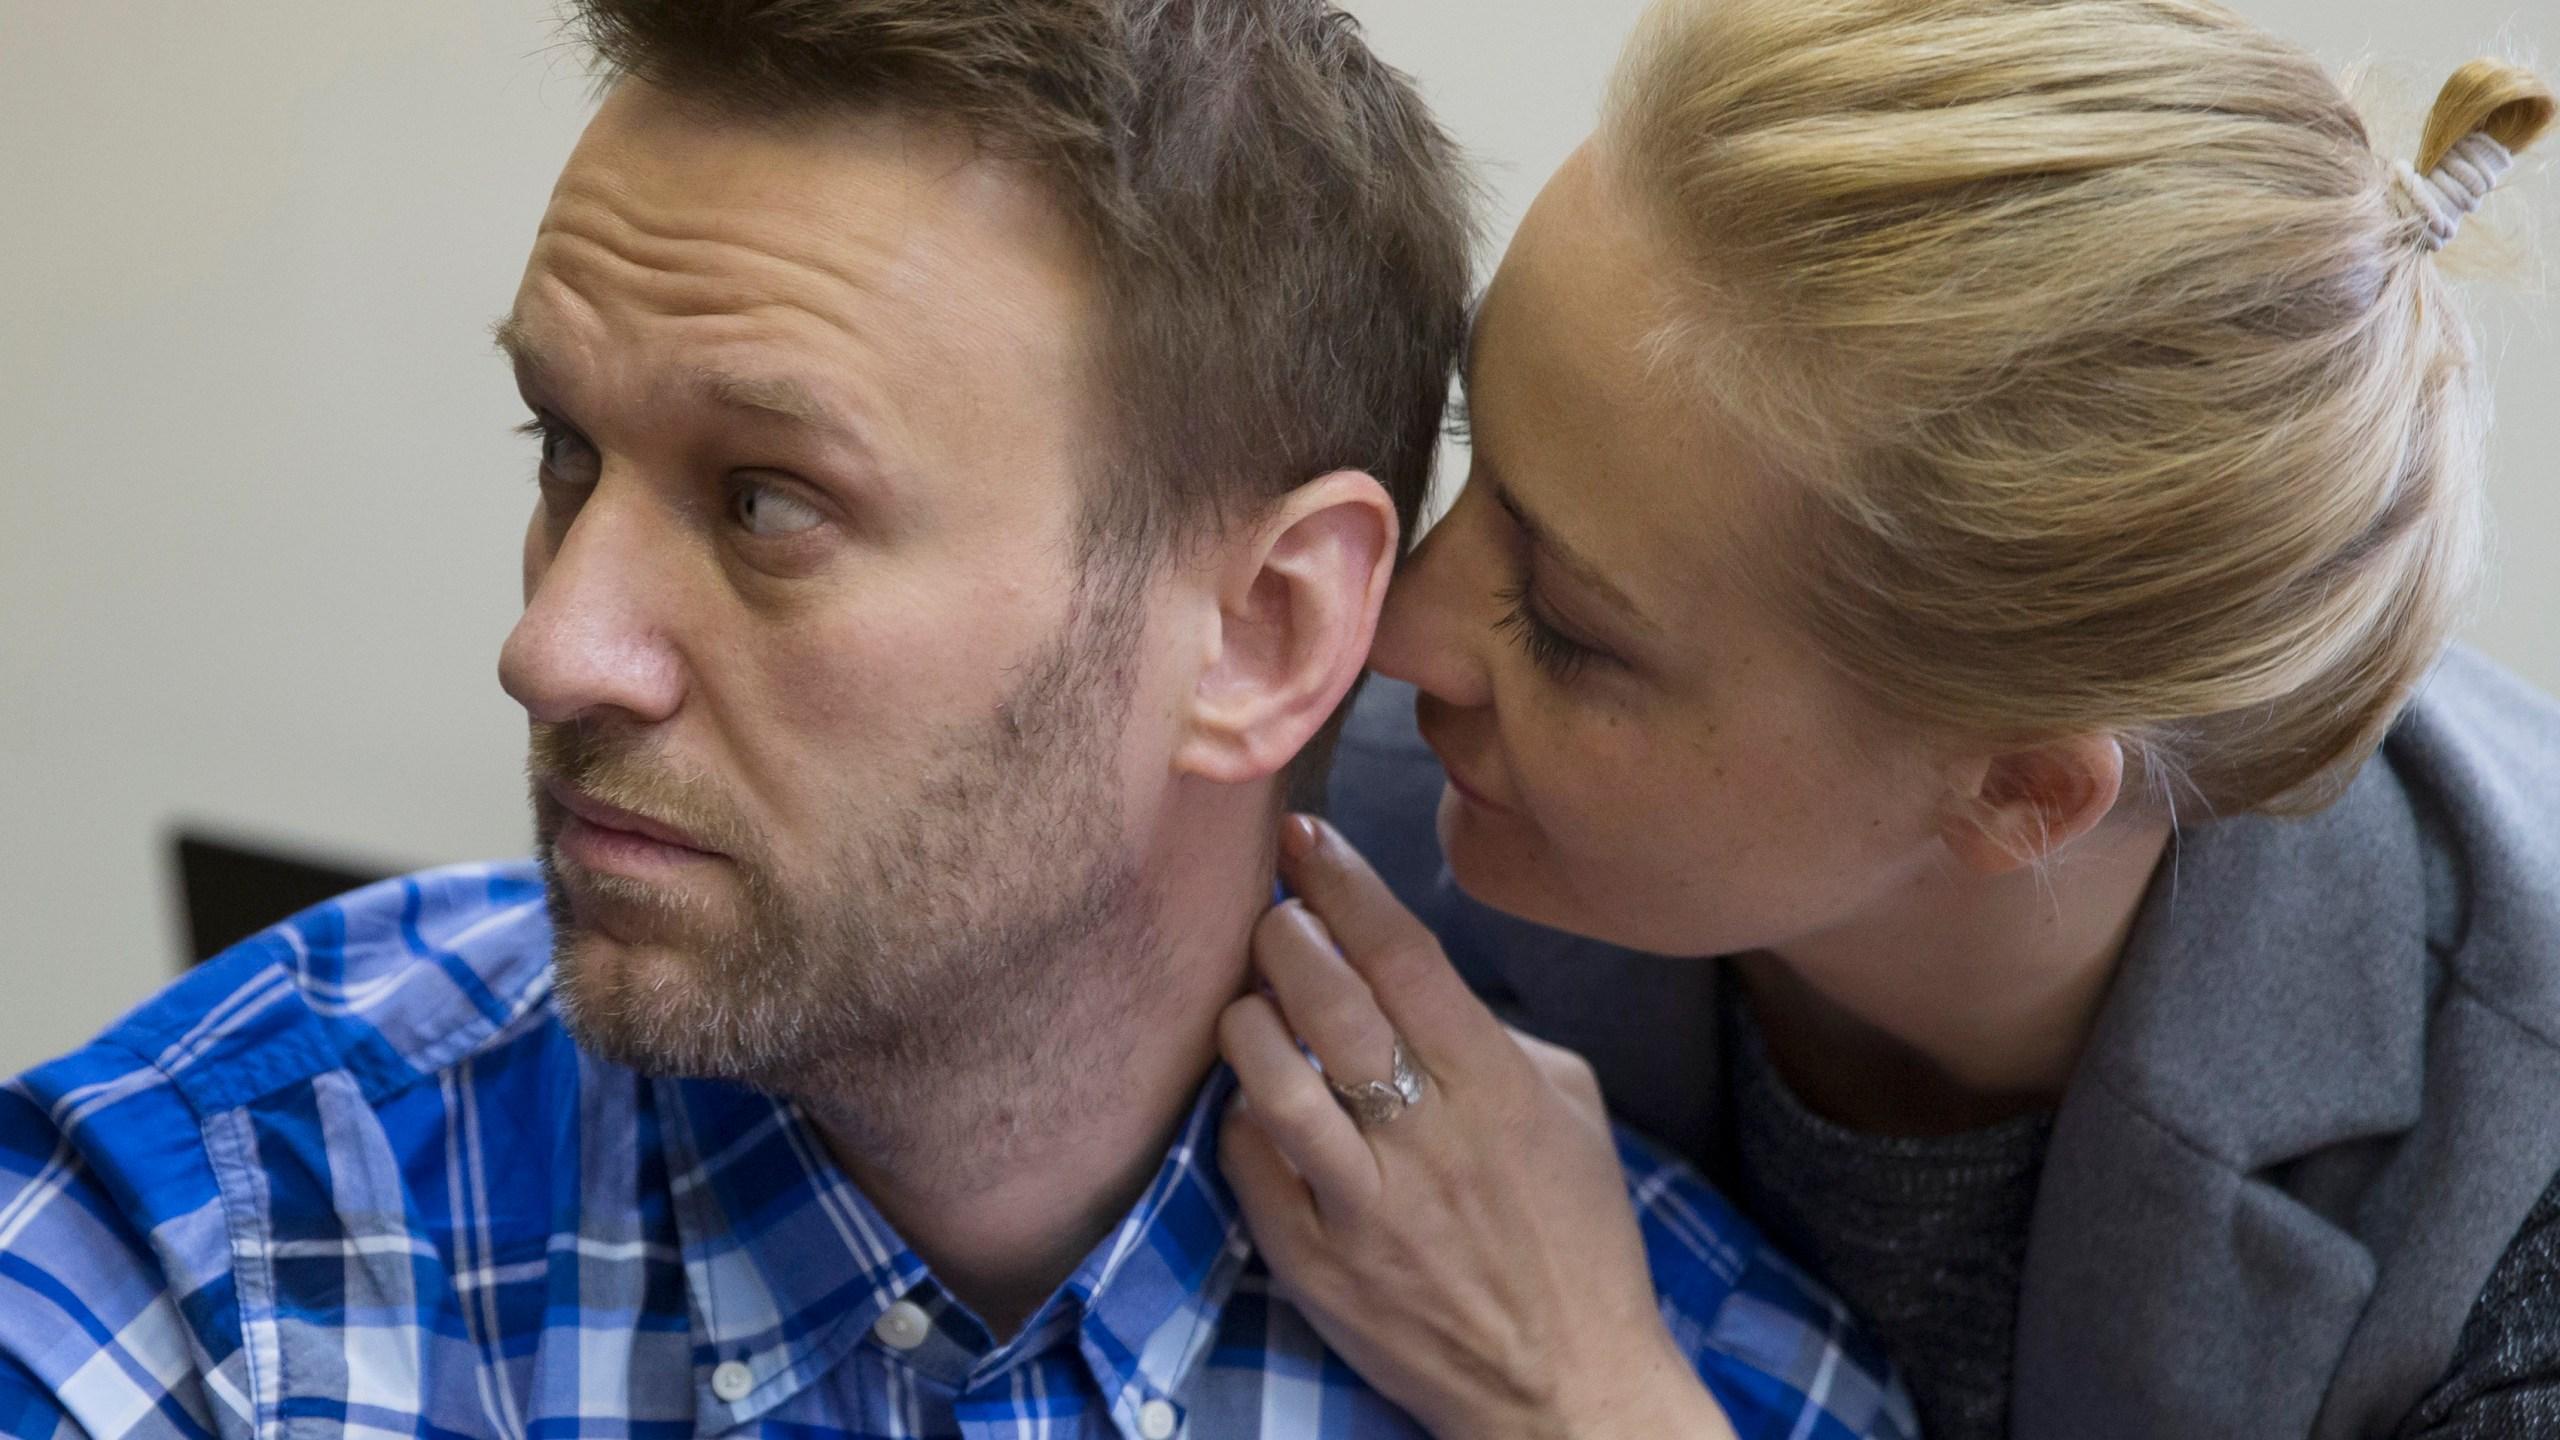 Alexei Navalny, Yulia Navalny